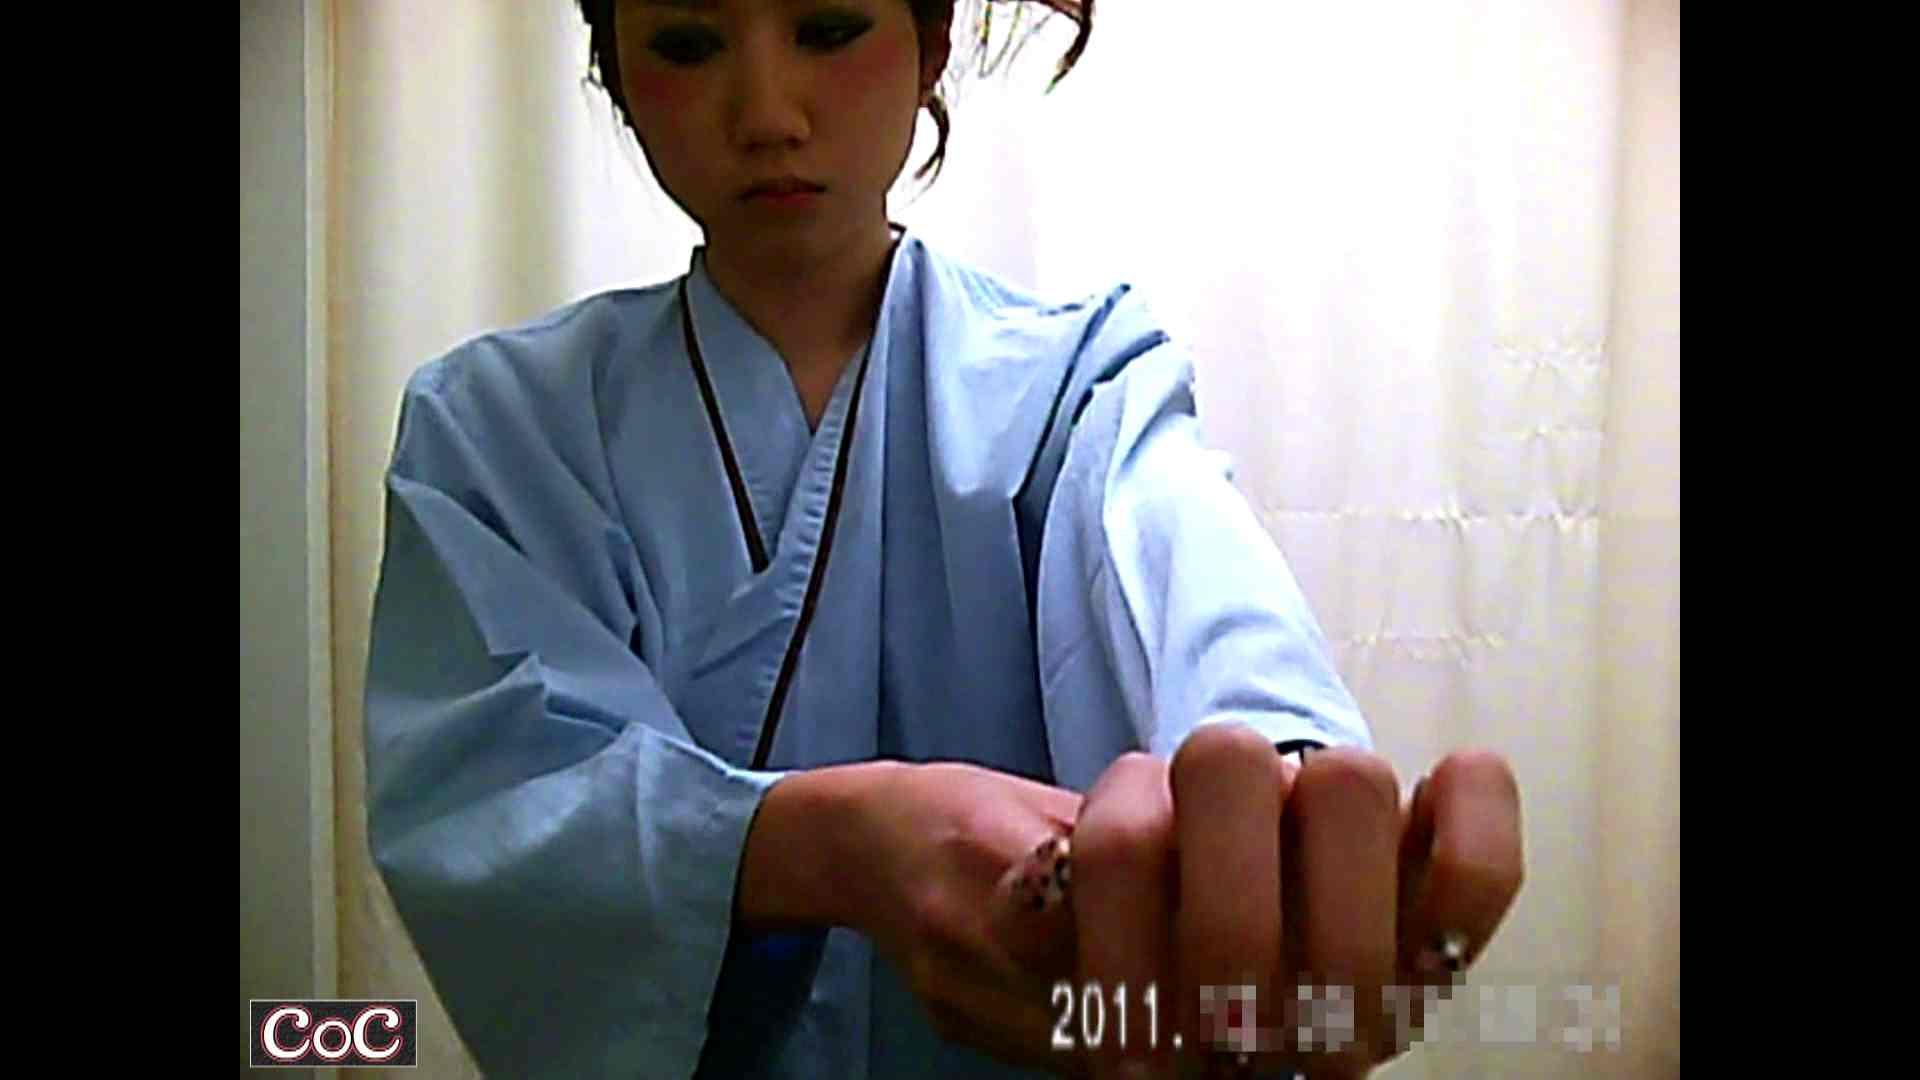 元医者による反抗 更衣室地獄絵巻 vol.178 OL女体 | 0  109連発 13